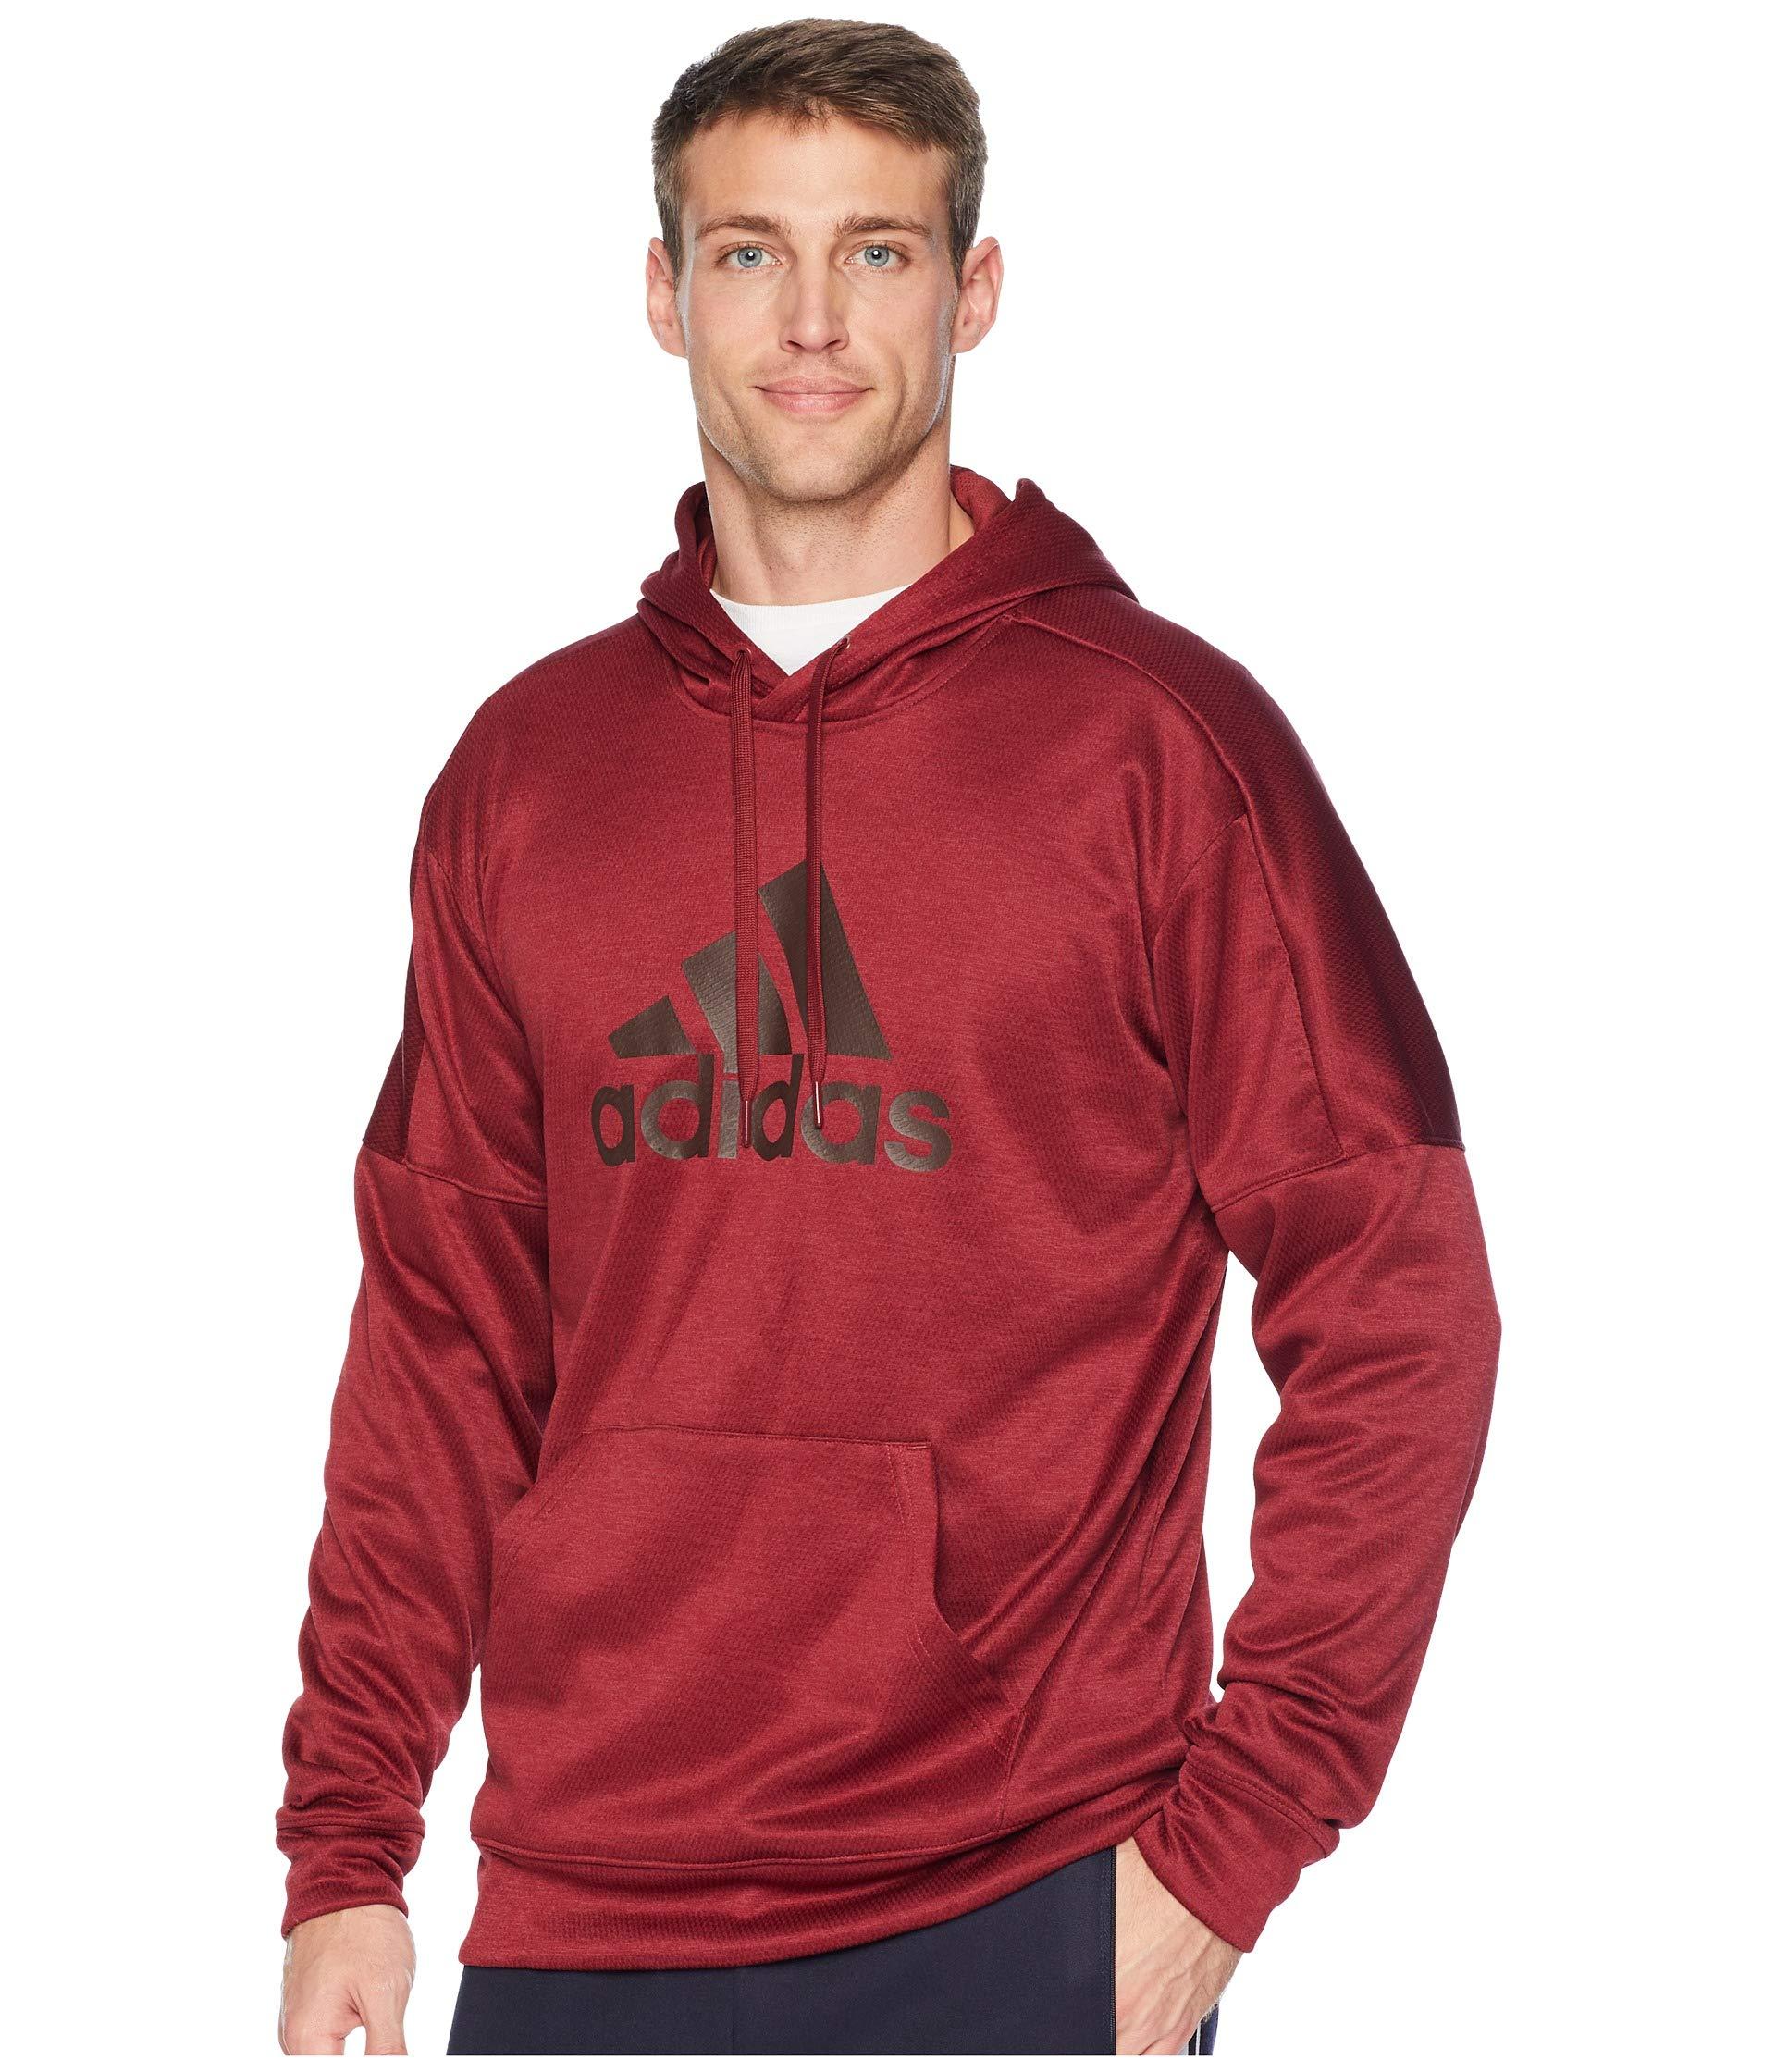 adidas Men's Athletics Team Issue Full-Zip Fleece Hoodie, Noble Maroon Melange, XX-Large by adidas